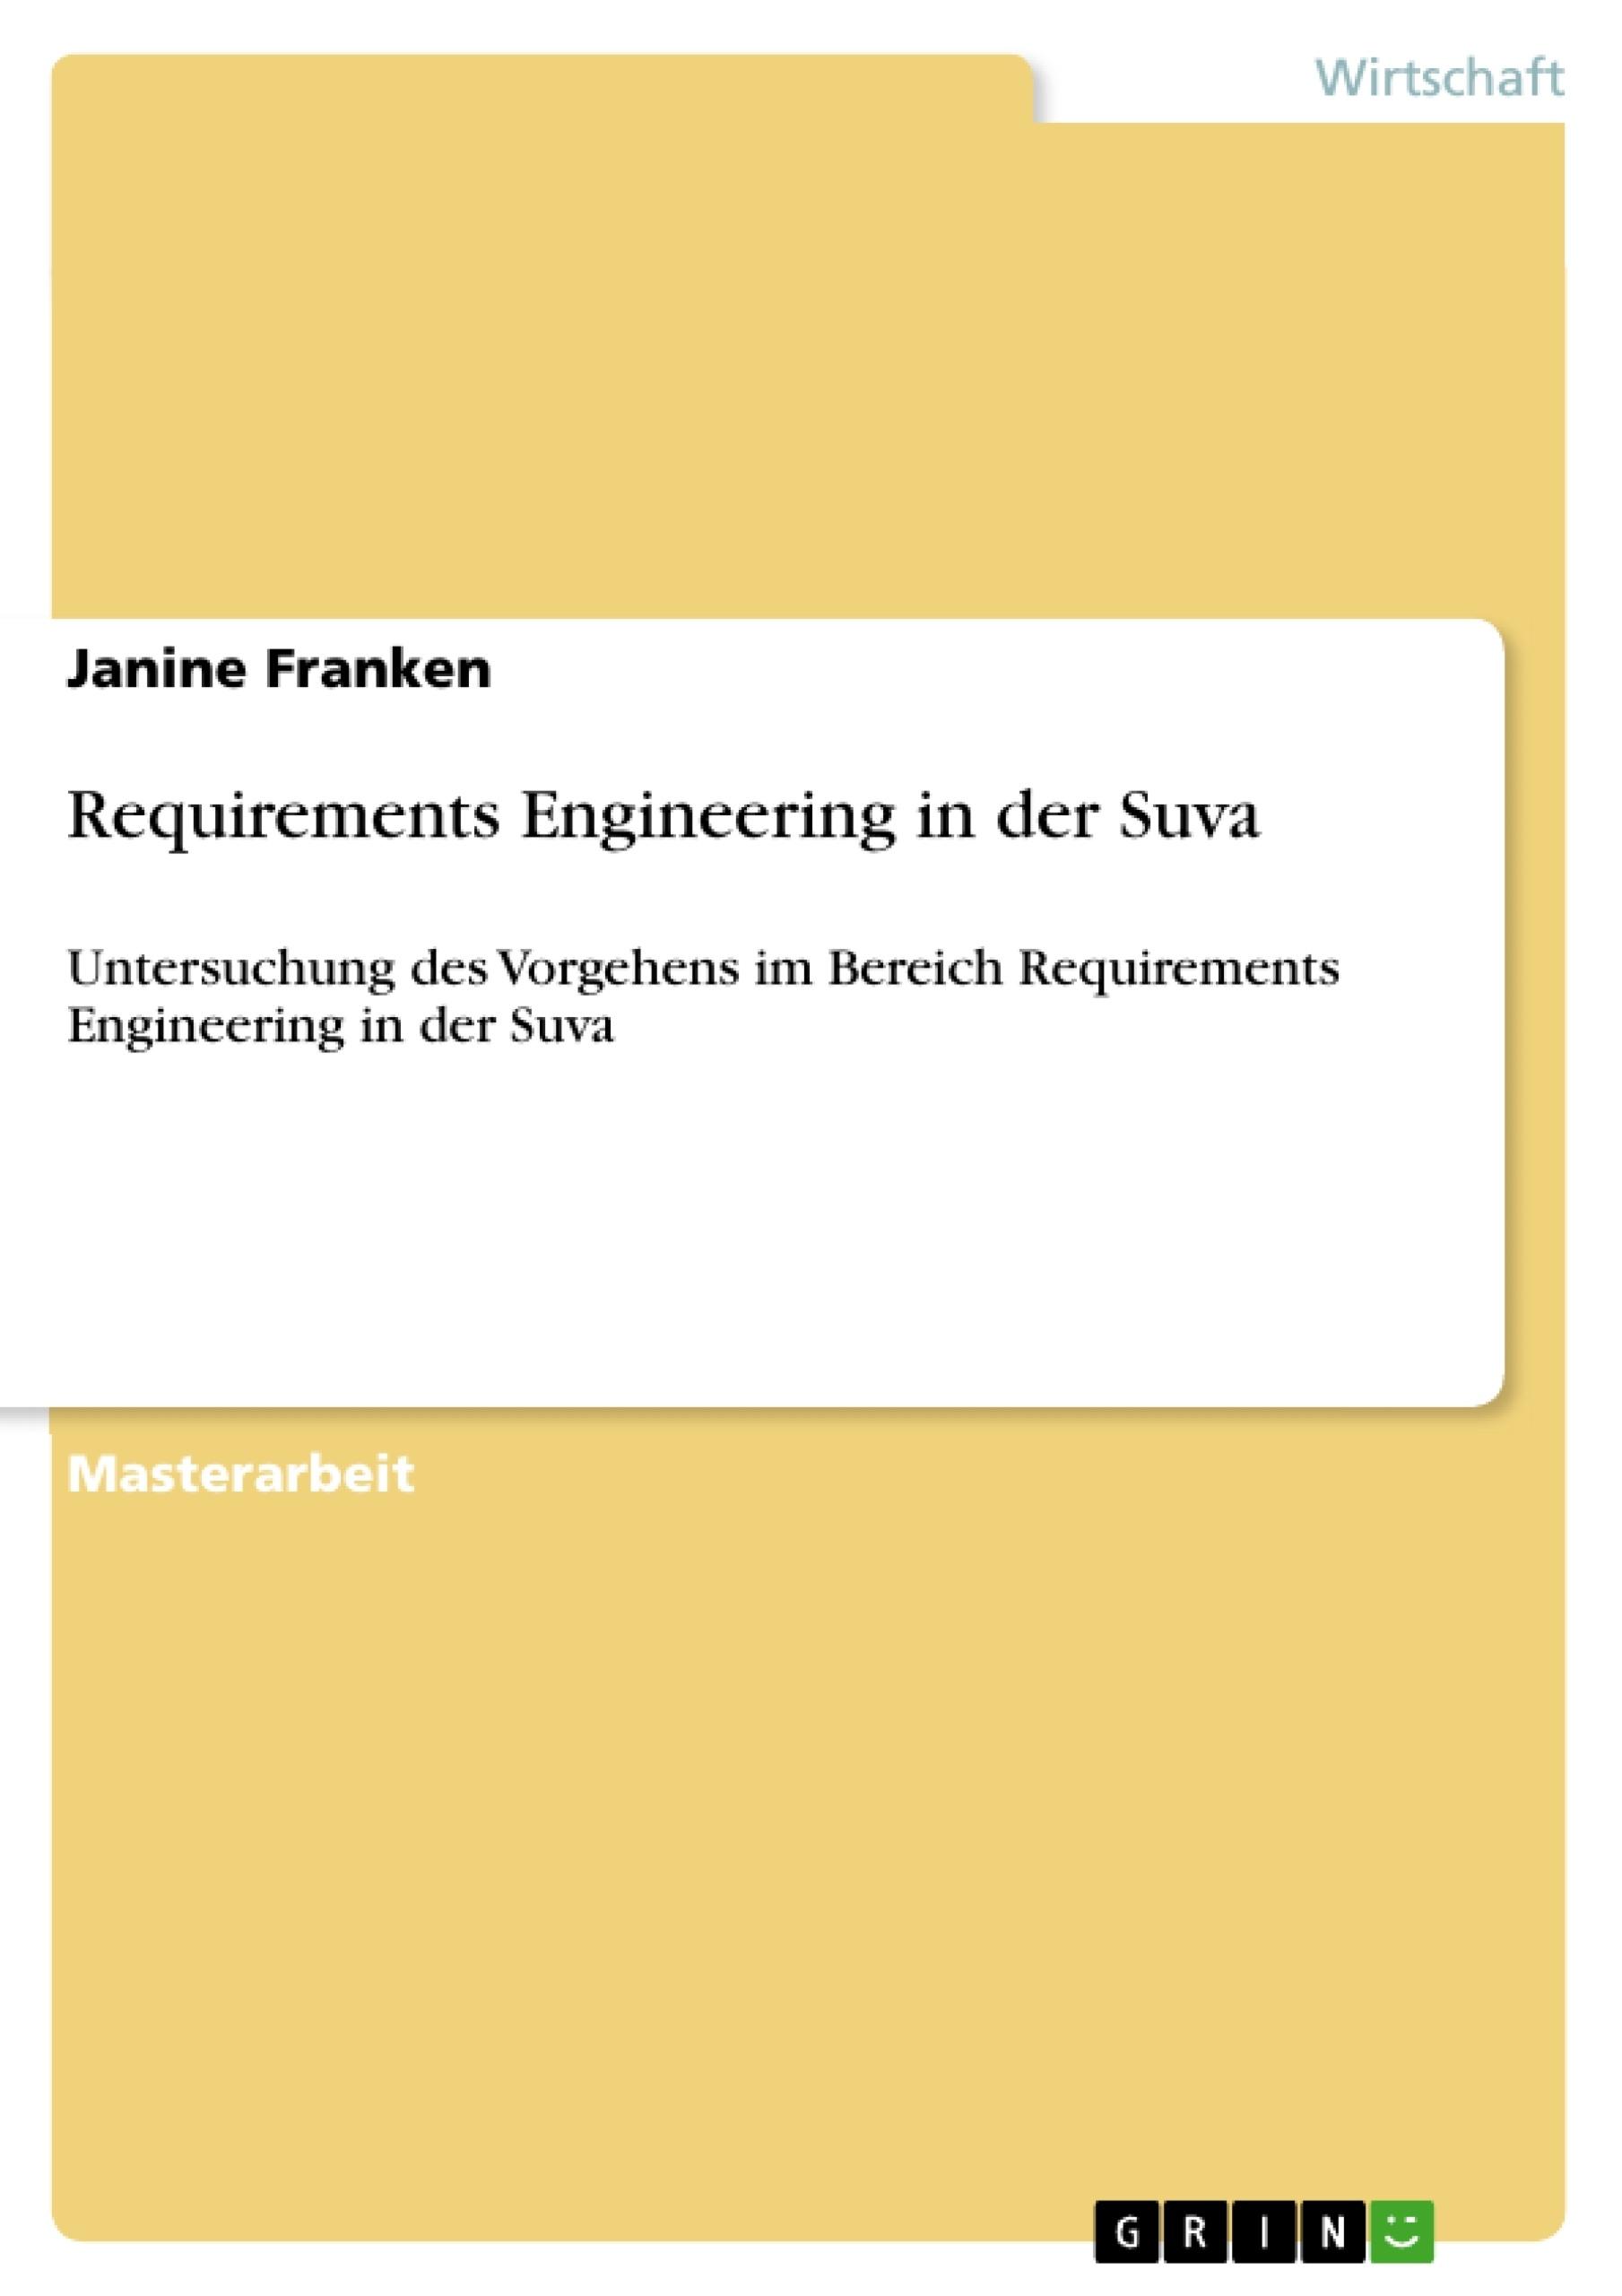 Titel: Requirements Engineering in der Suva